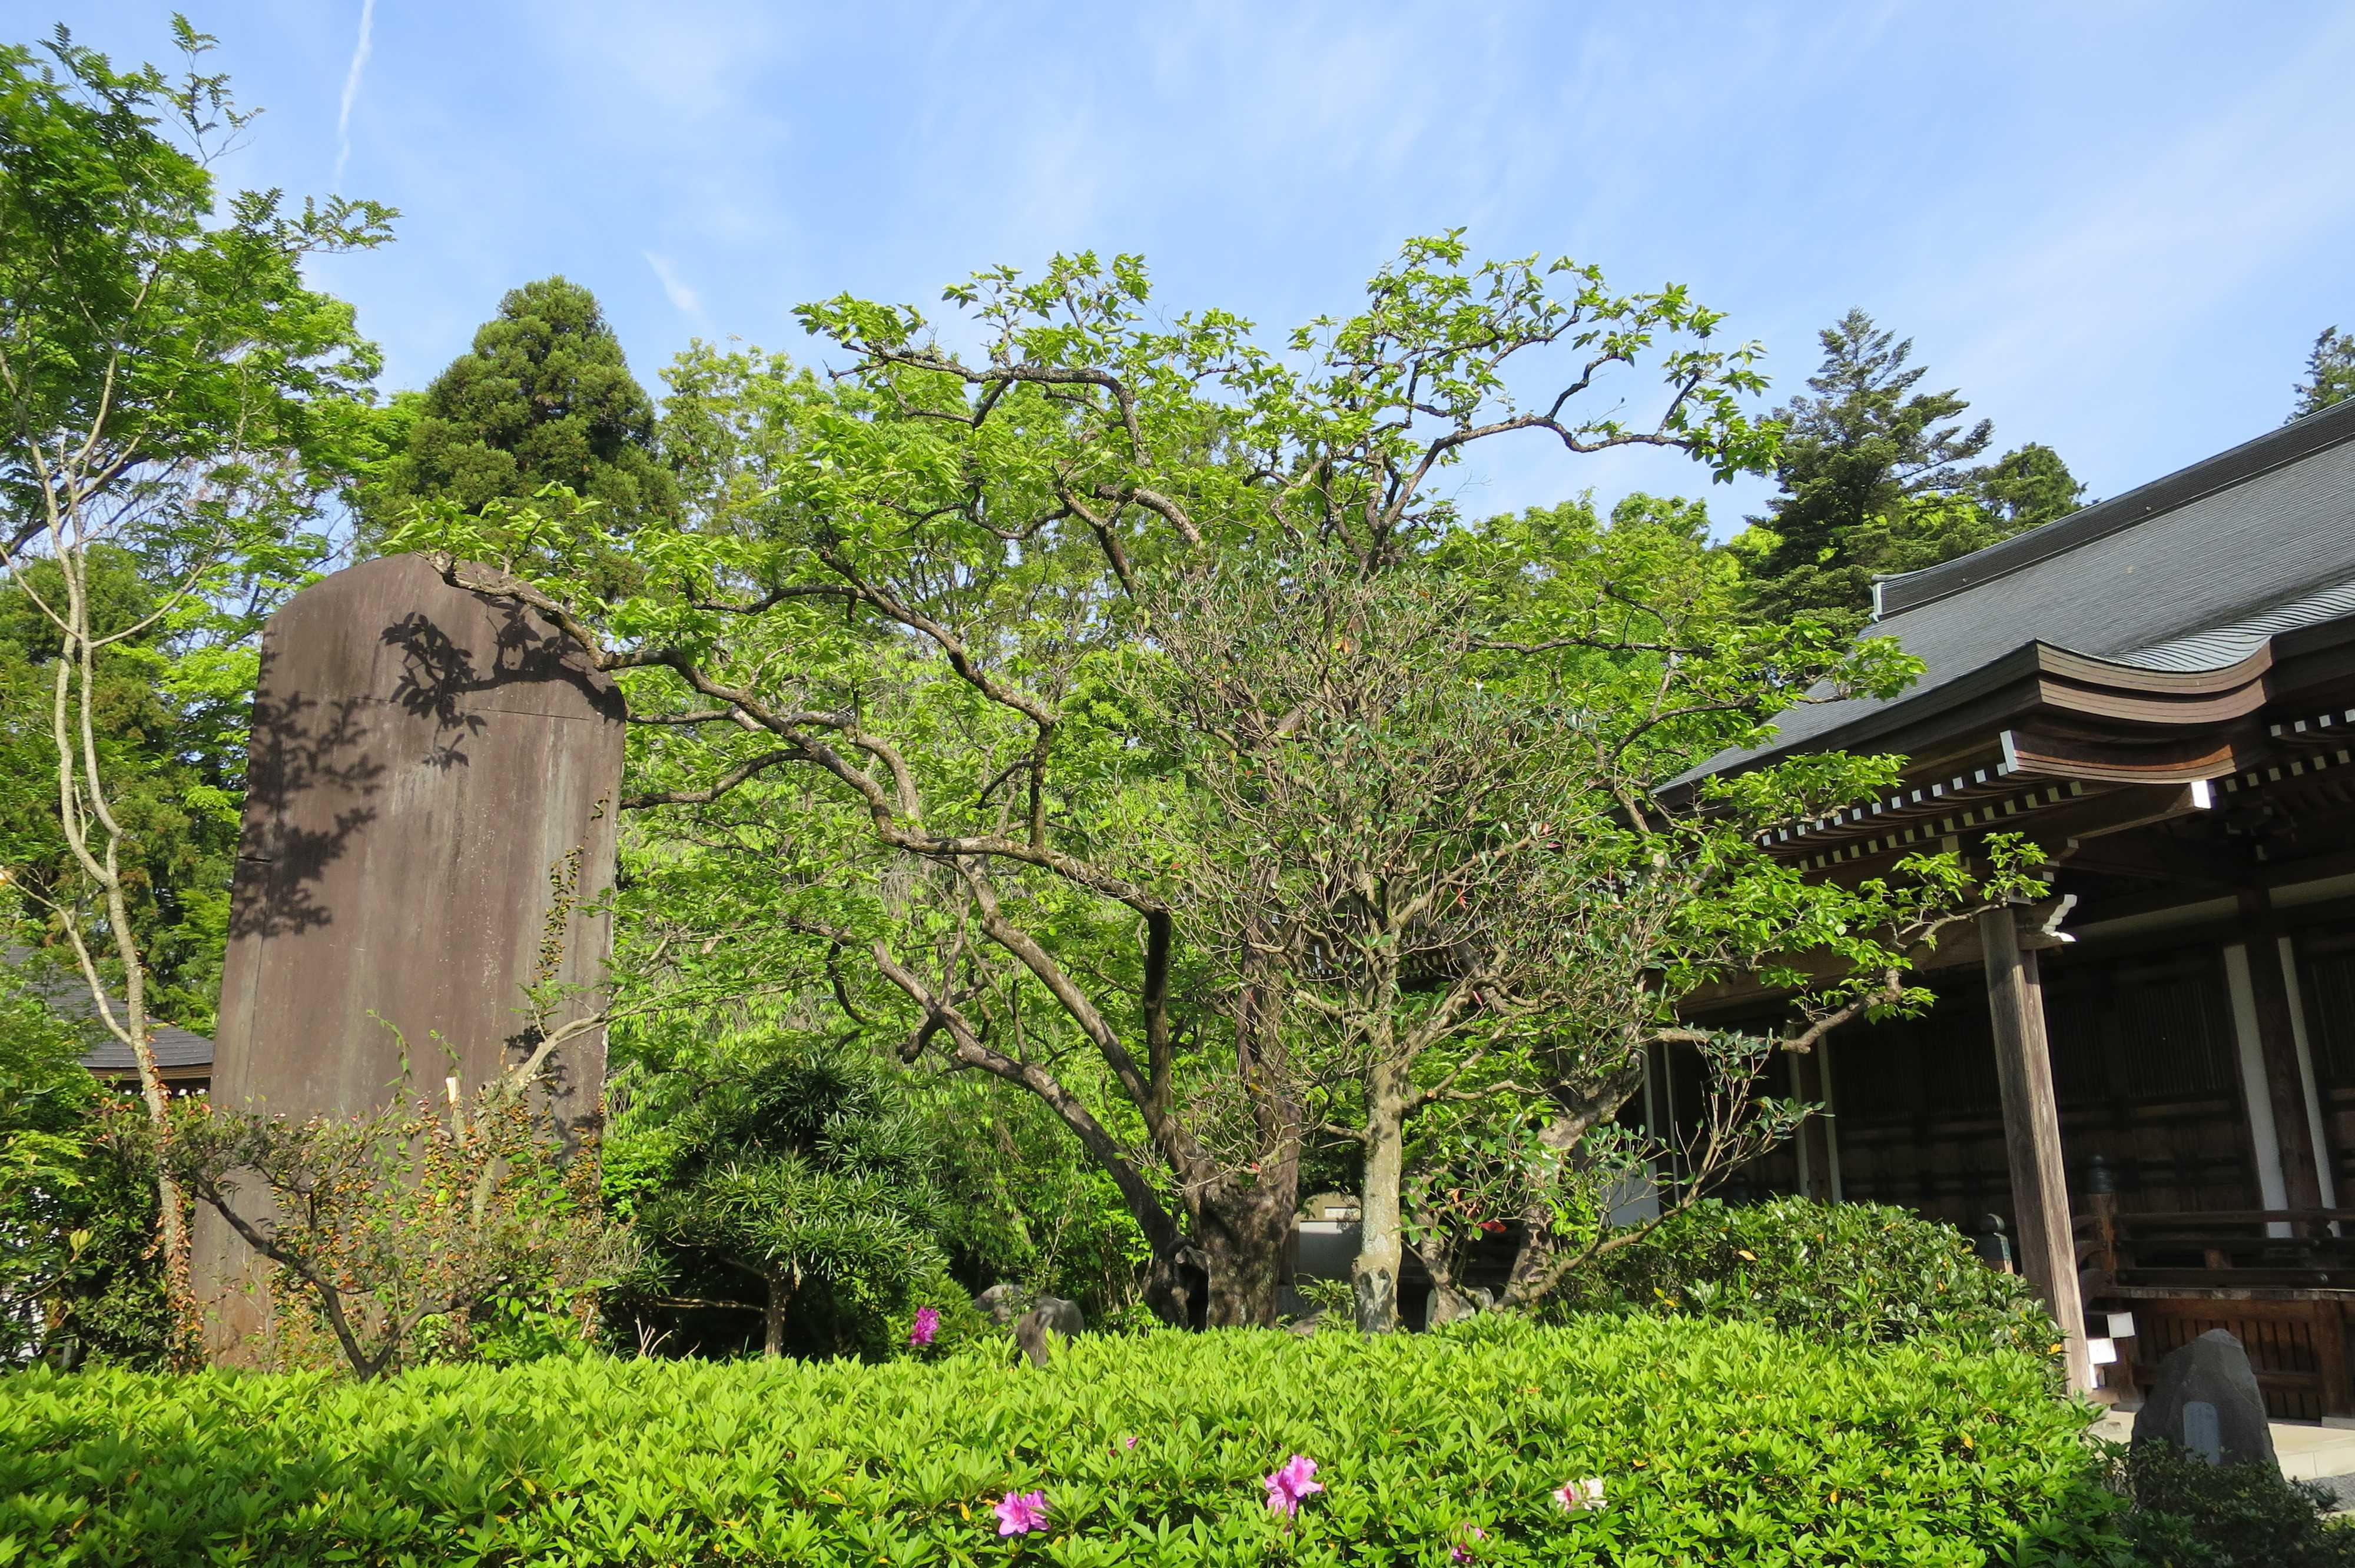 裏側から見た禅寺丸柿の原木